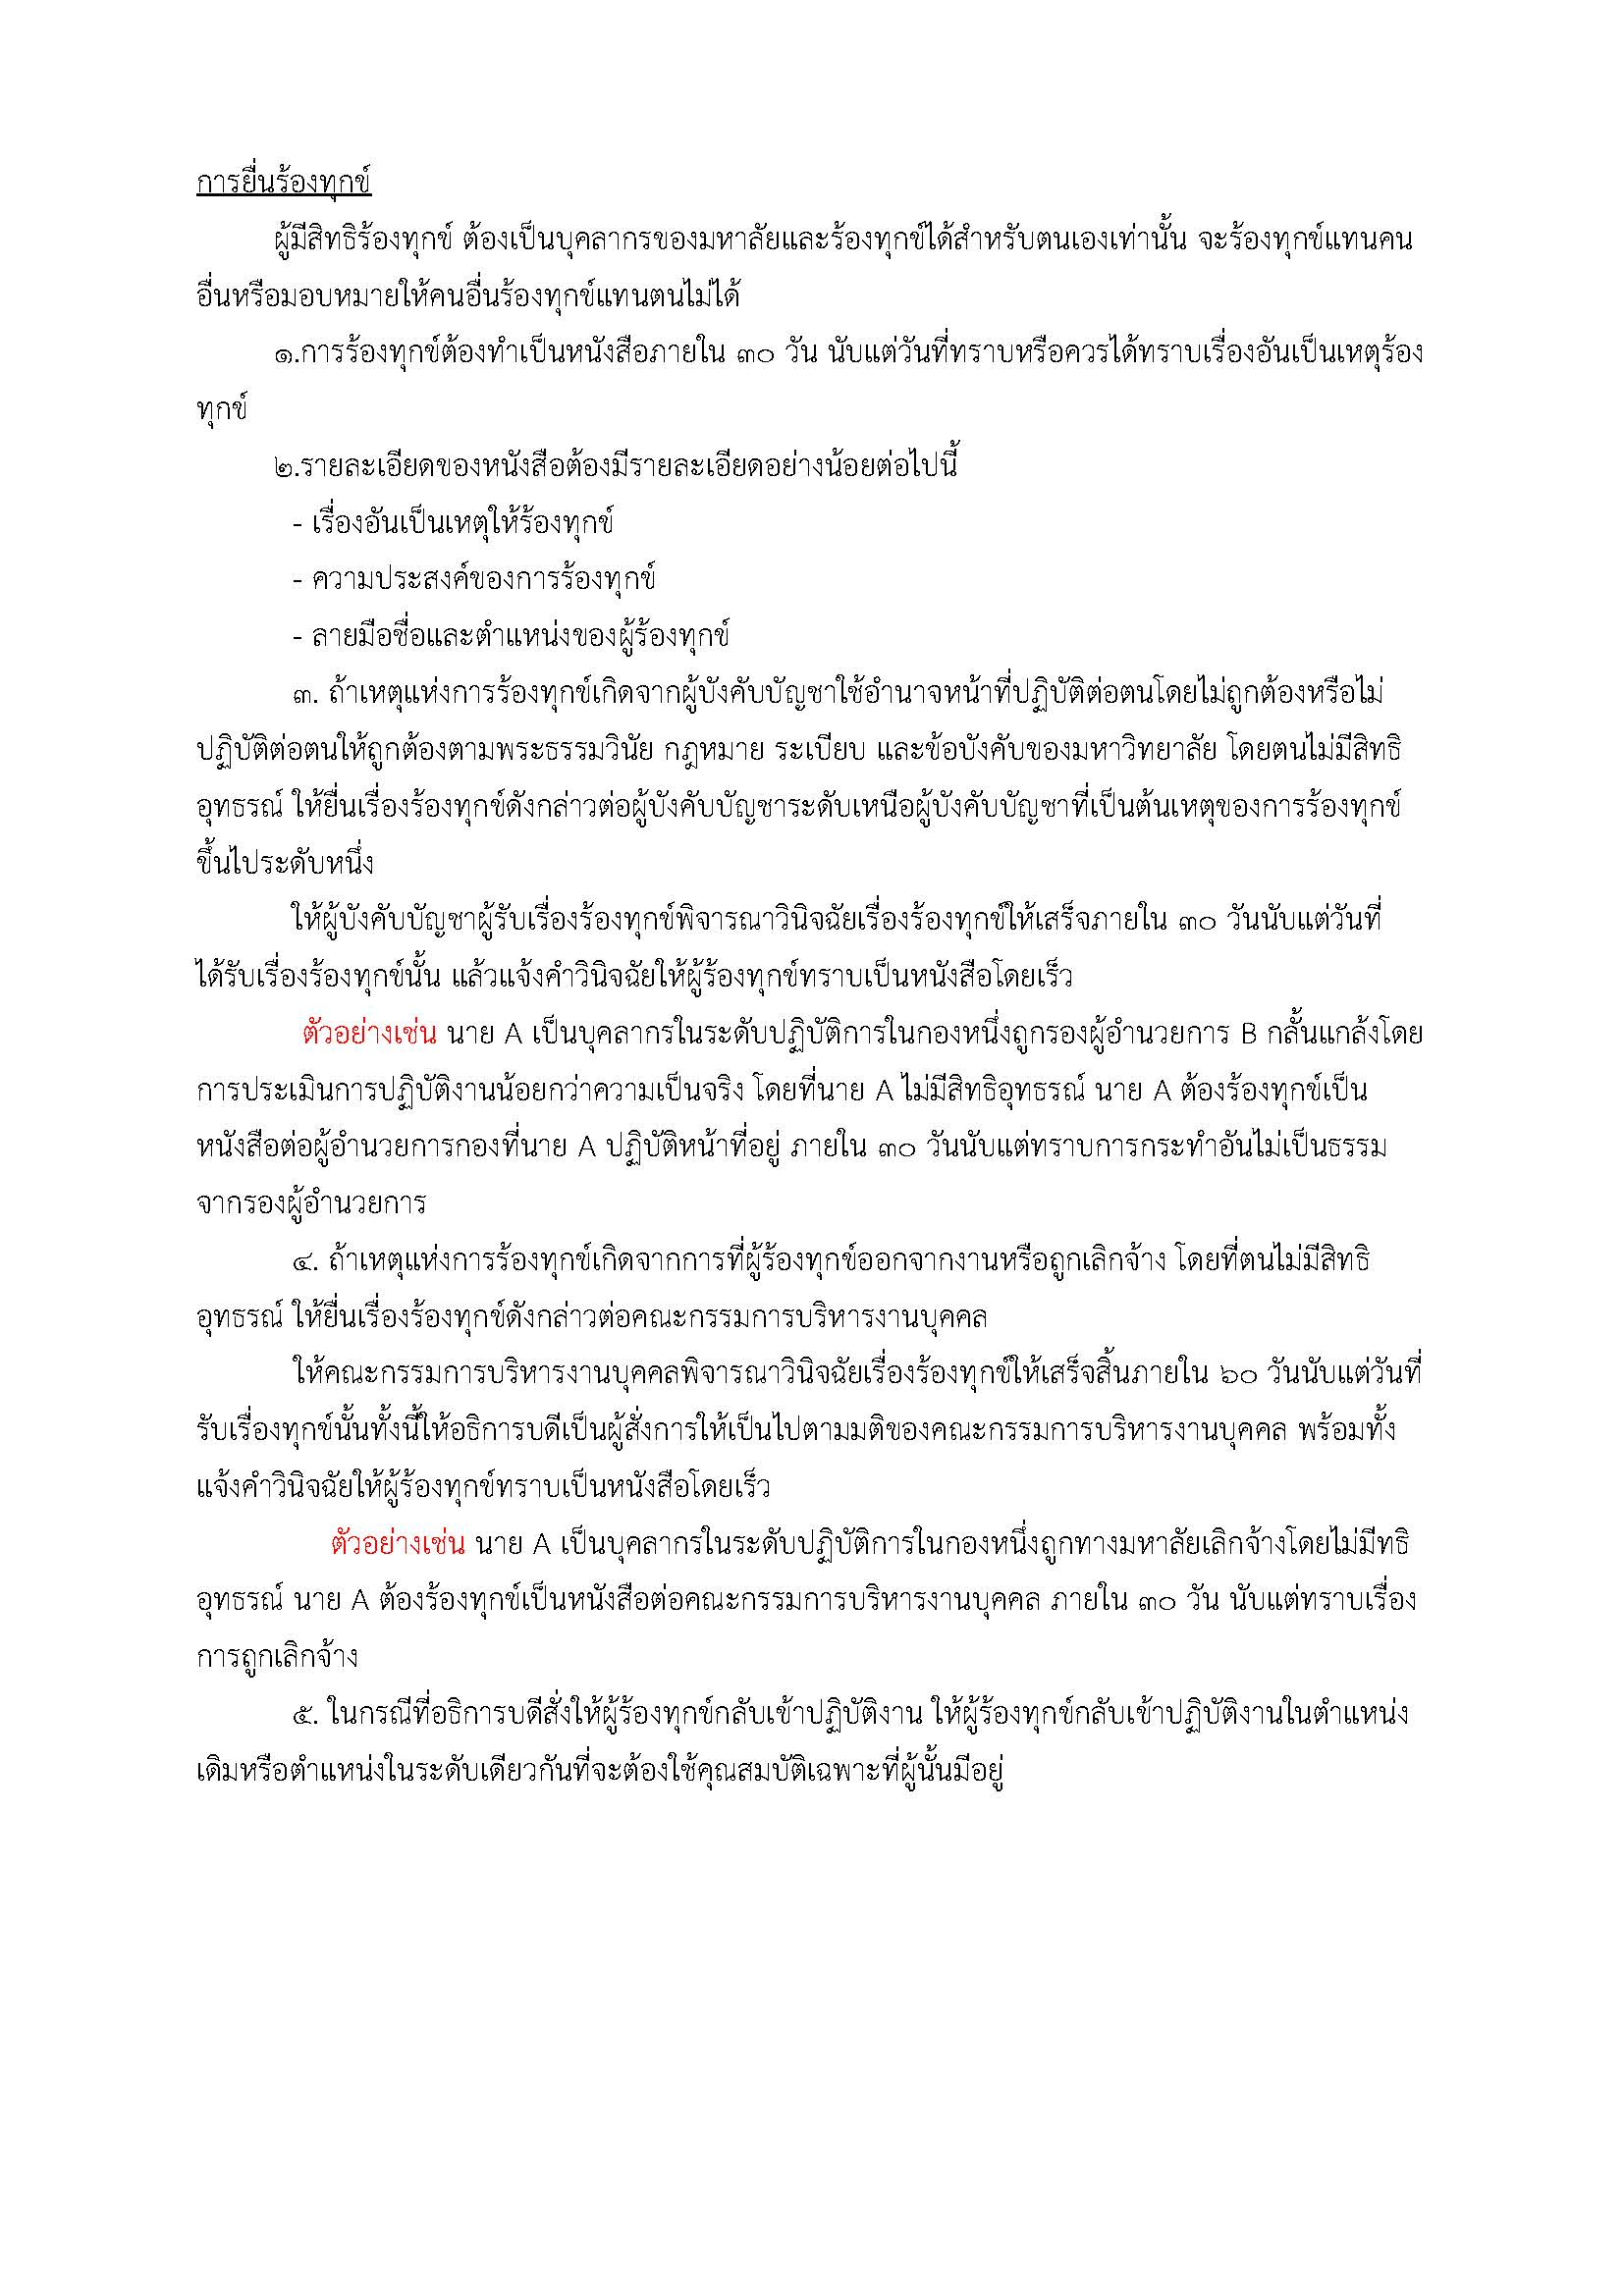 วินัย อุทธรณ์และร้องทุกข์_Page_13